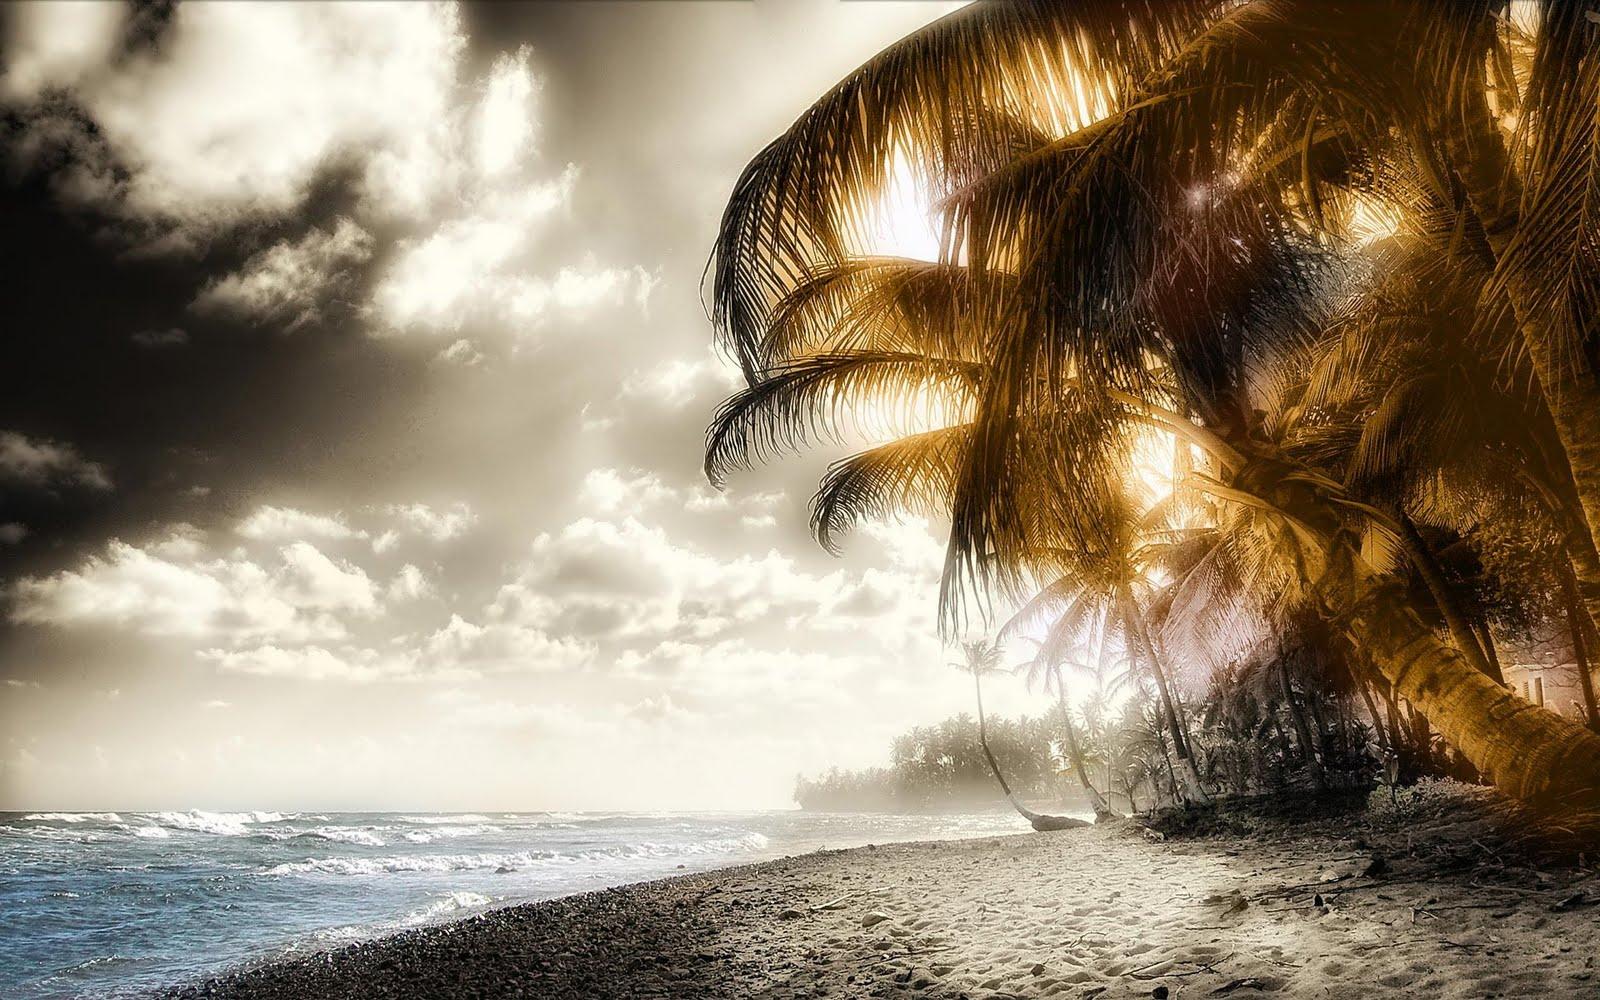 http://4.bp.blogspot.com/-LDLNxEleu4o/TgOWLEe2grI/AAAAAAAAC2Q/H9MYg1fwcH0/s1600/Palm+Beach+hd+wallpaper+new+xp+walls.jpg